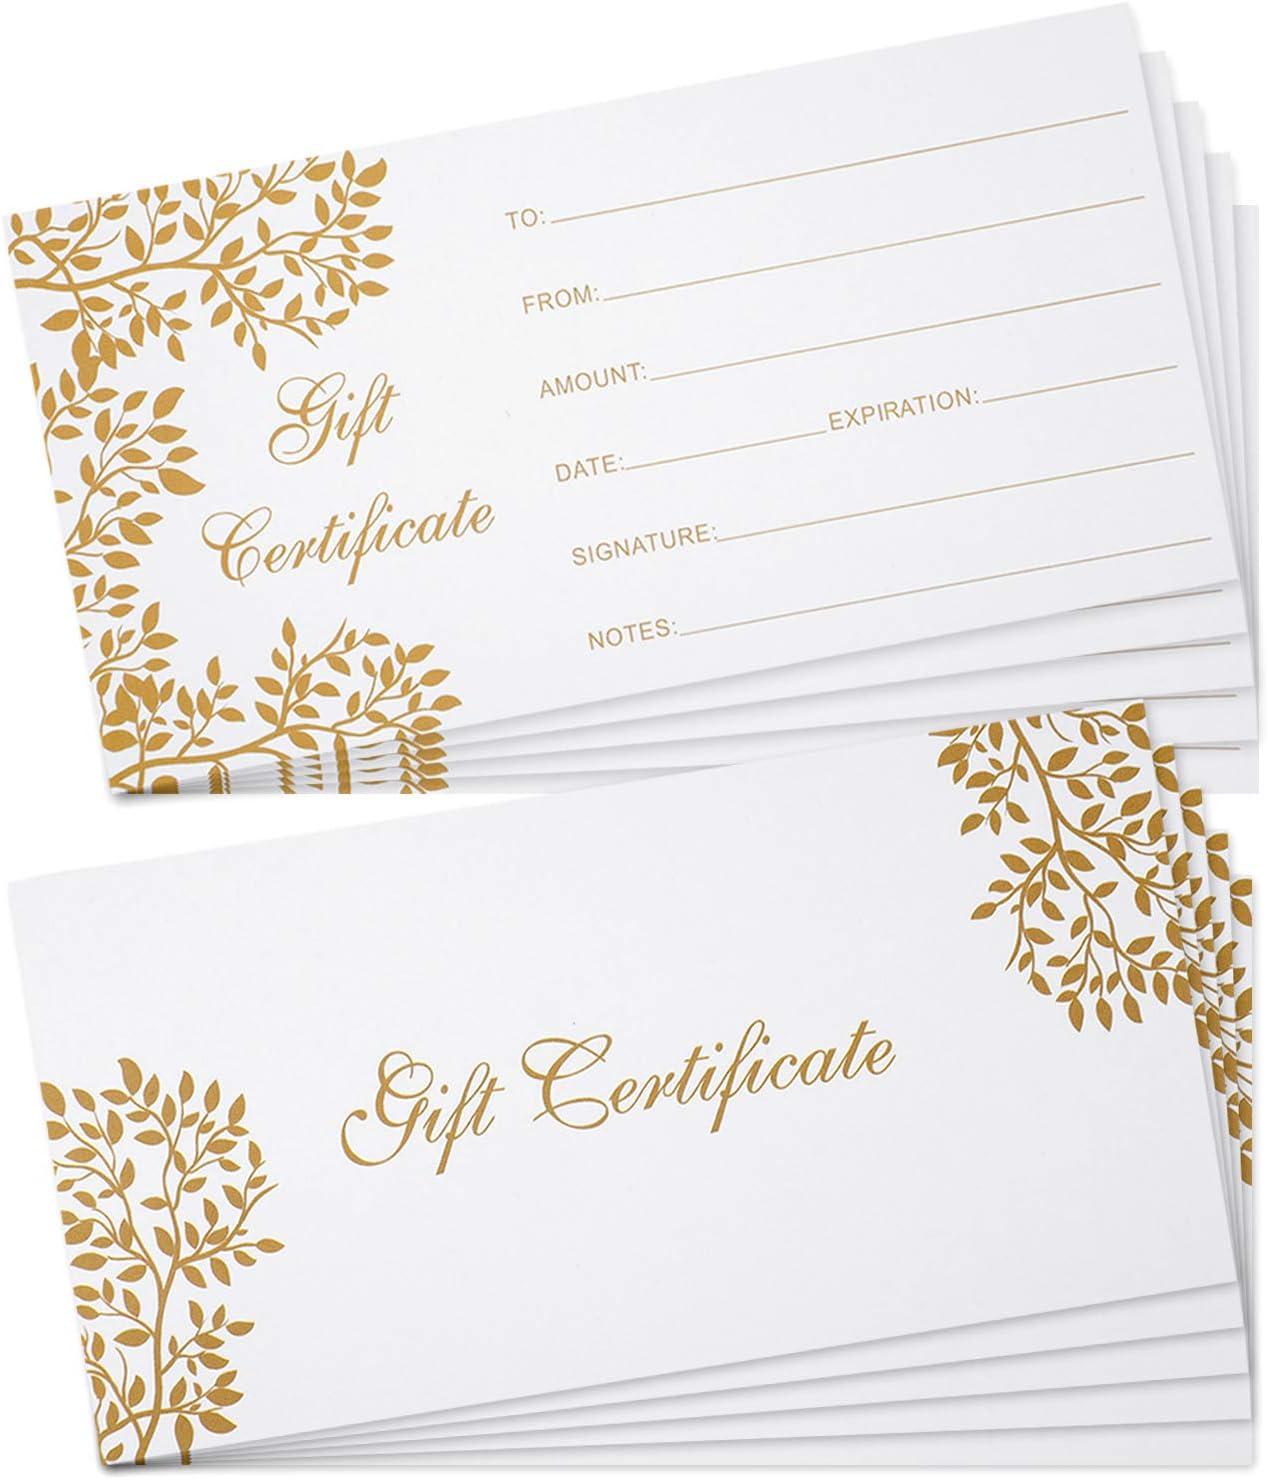 50 Tarjetas de Certificado de Regalo en Blanco Vales de Certificado de Regalo, 3,5 x 7 Pulgadas Tarjetas de Cupón para Negocio Salón de Belleza Restaurante Boda Navidad Cumpleaños